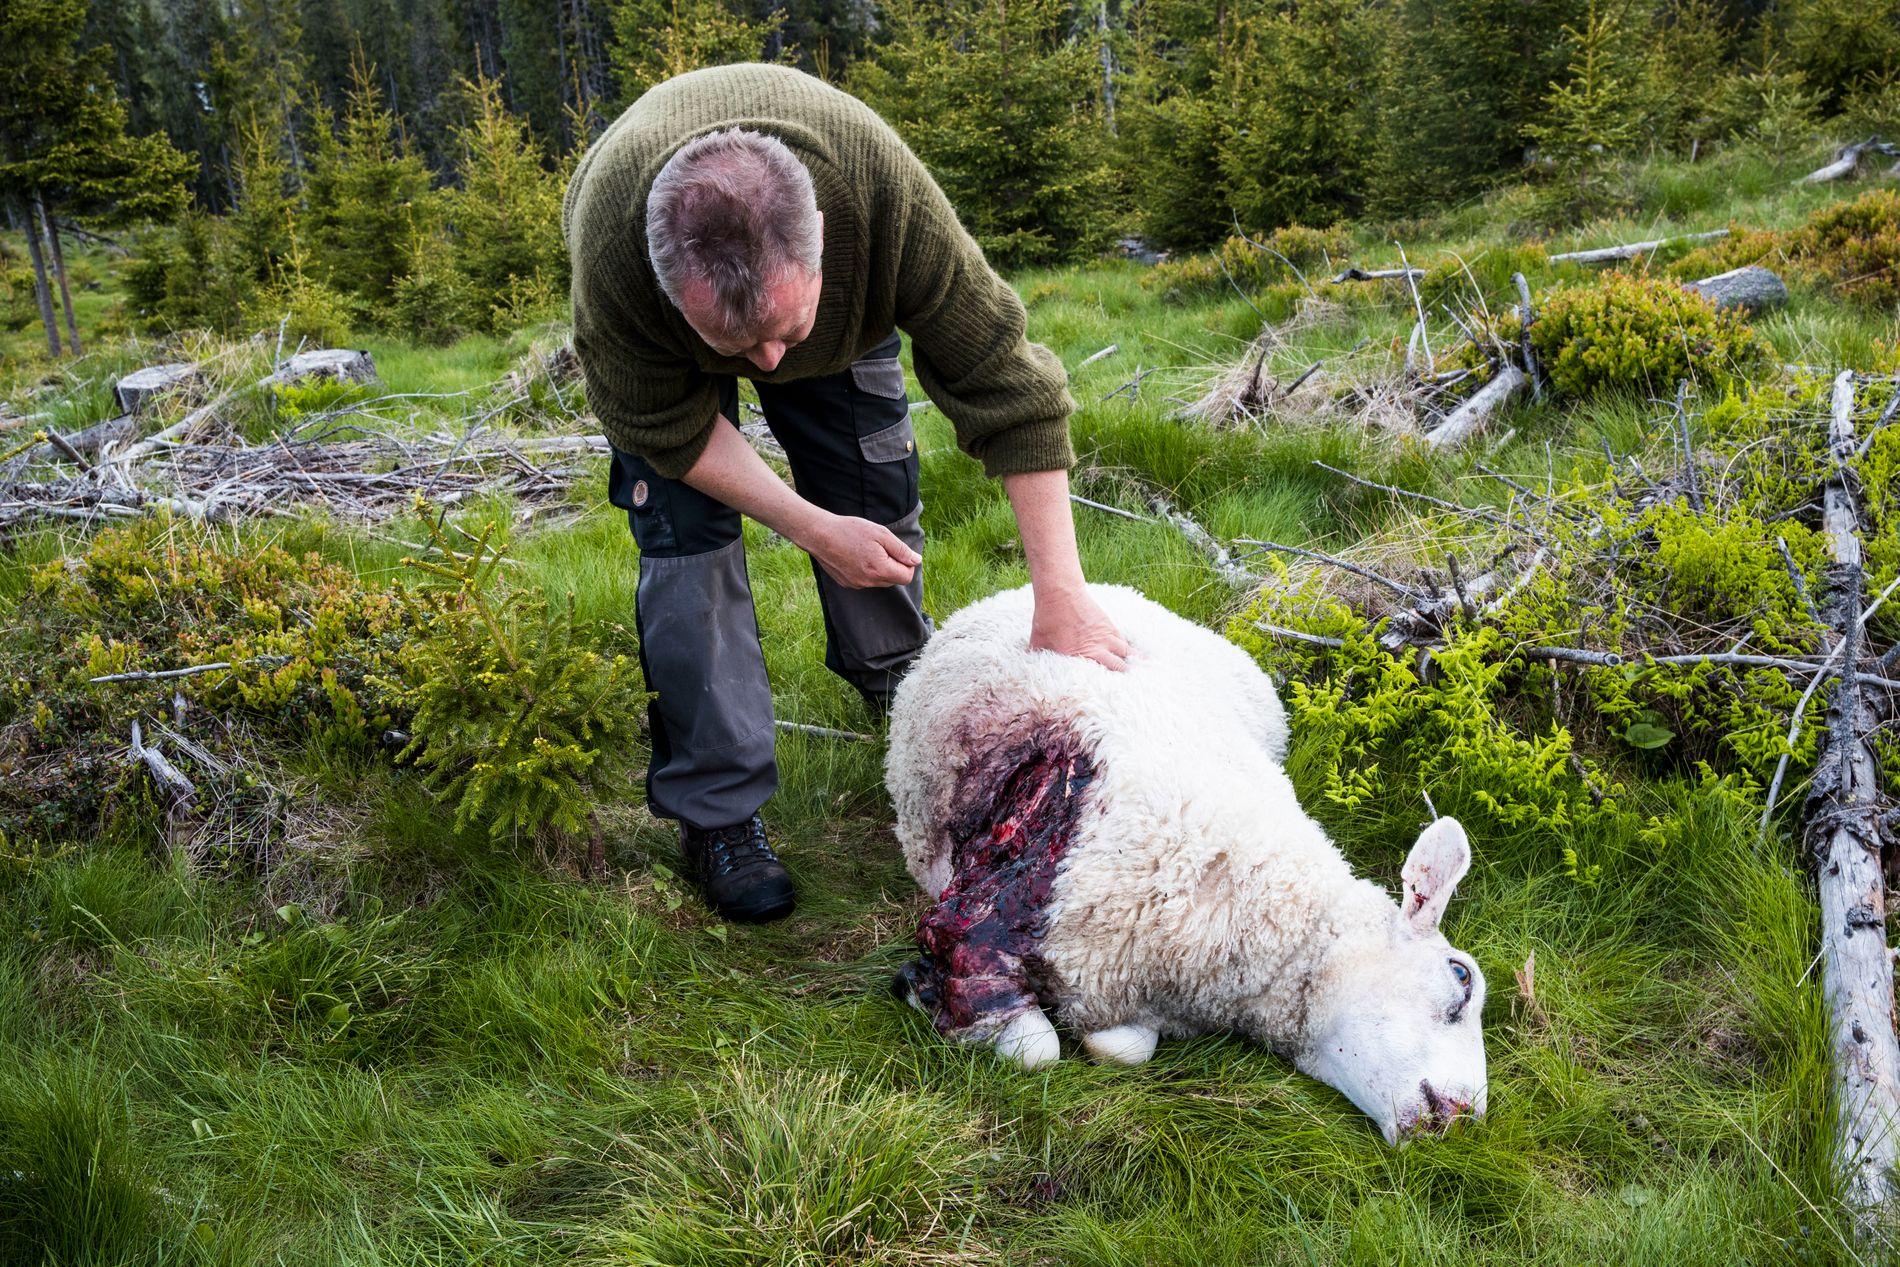 VAR I LIVE: Denne sauen var bitt av ulv dypt inn i buken, men var fortsatt i live da den ble funnet. Lammene sto rundt moren og forsøkte å amme av den, forteller styreleder Kjetil Ulset i Gran sauebeitelag til VG.